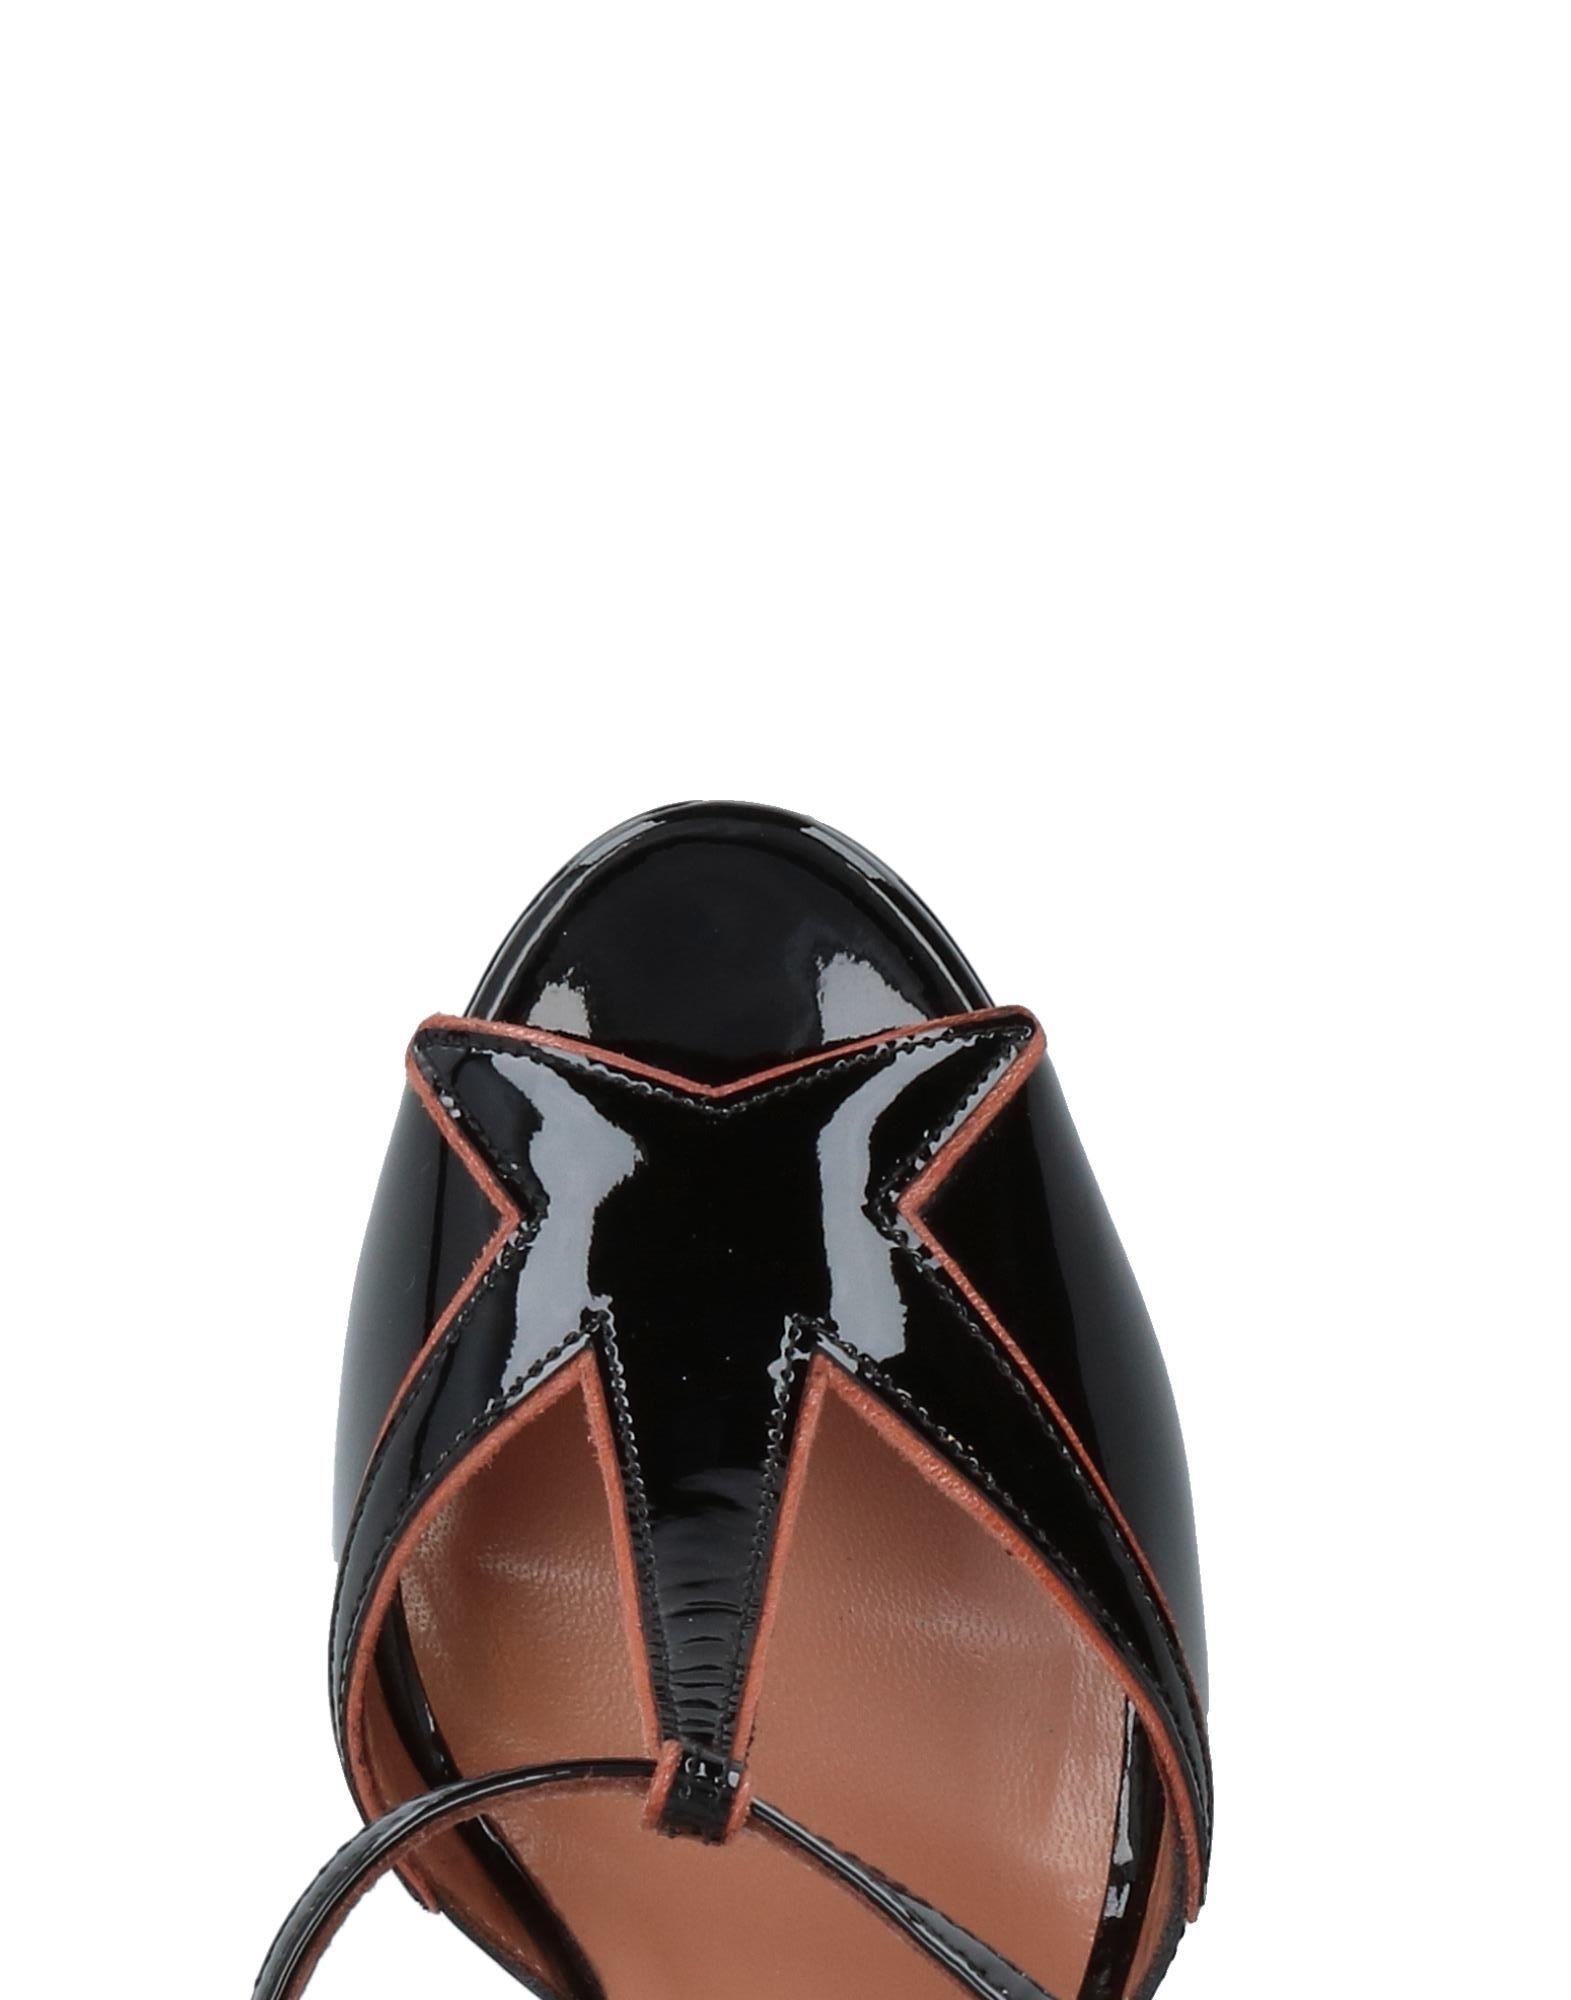 L' Autre Chose Sandalen Damen  11342420DKGut aussehende strapazierfähige Schuhe